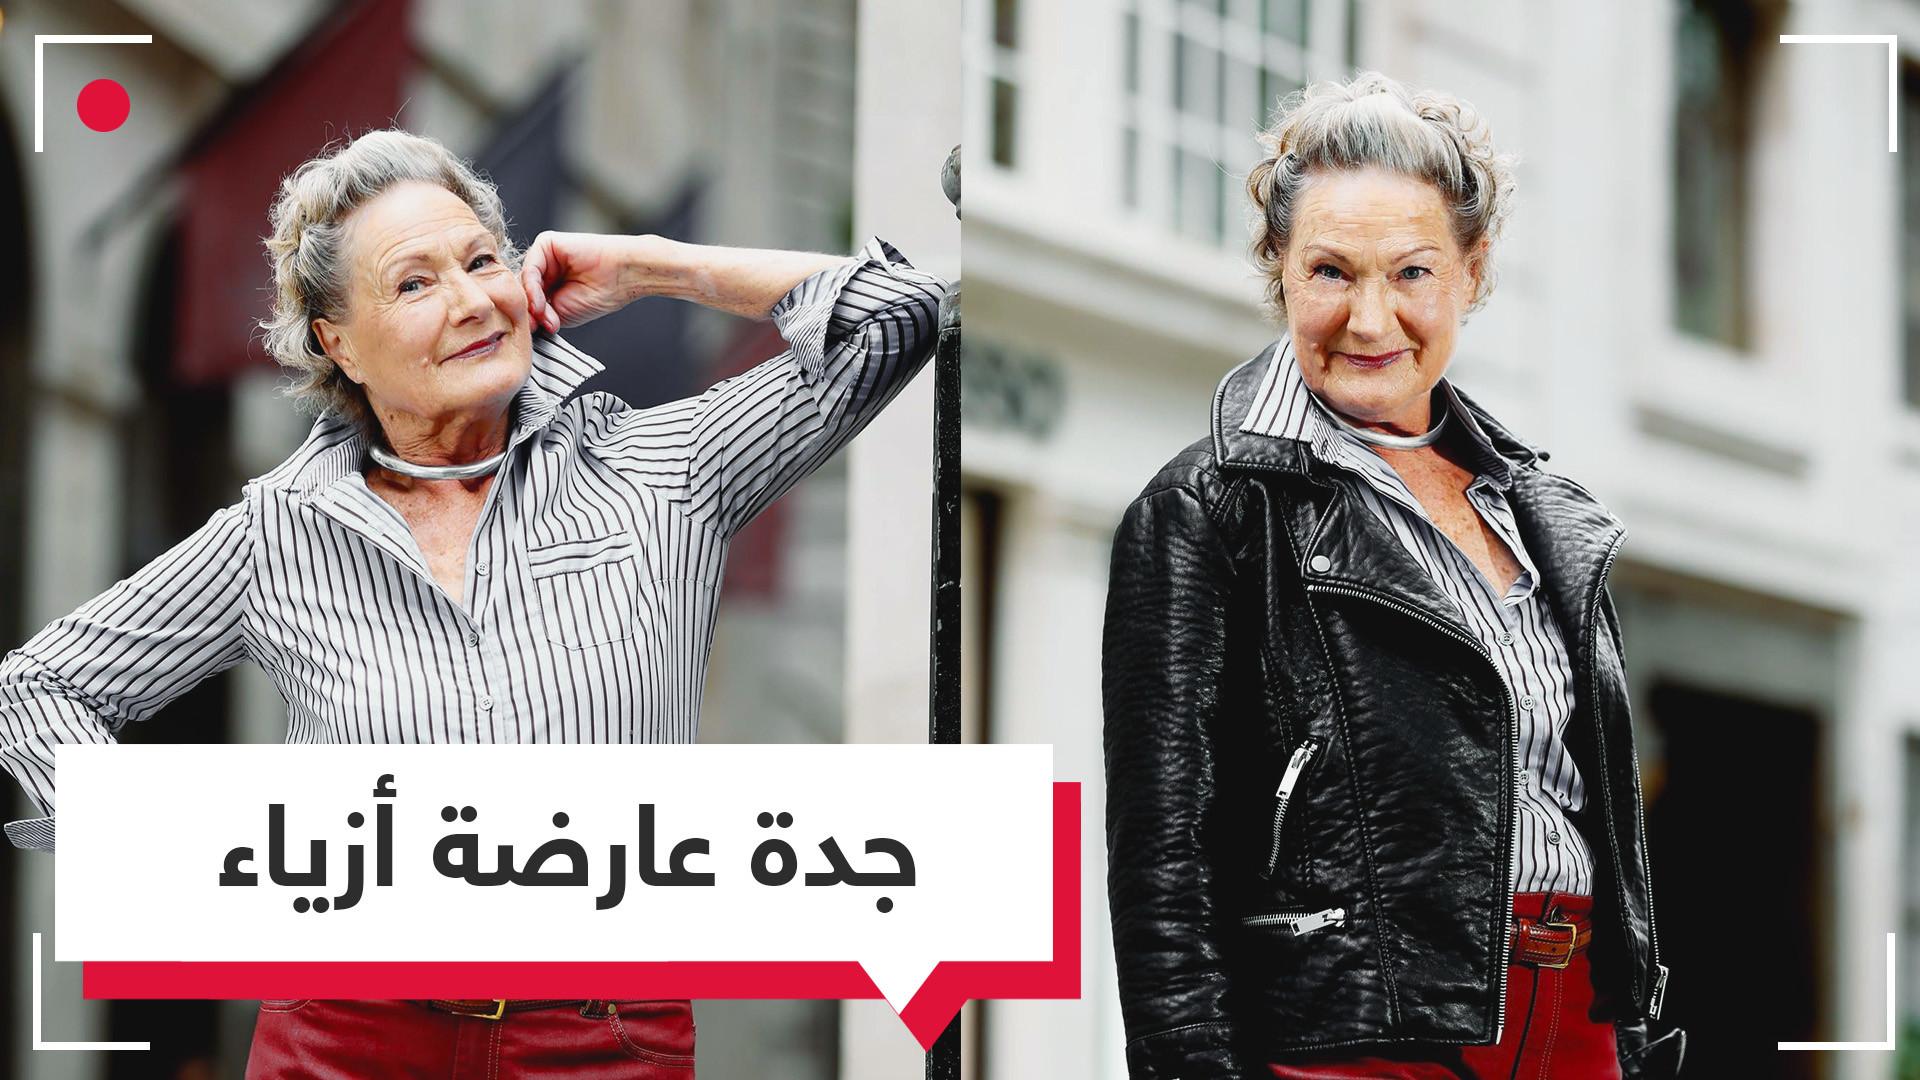 الجدة النجمة في عالم الأزياء.. ستغير نظرتك للعمر!